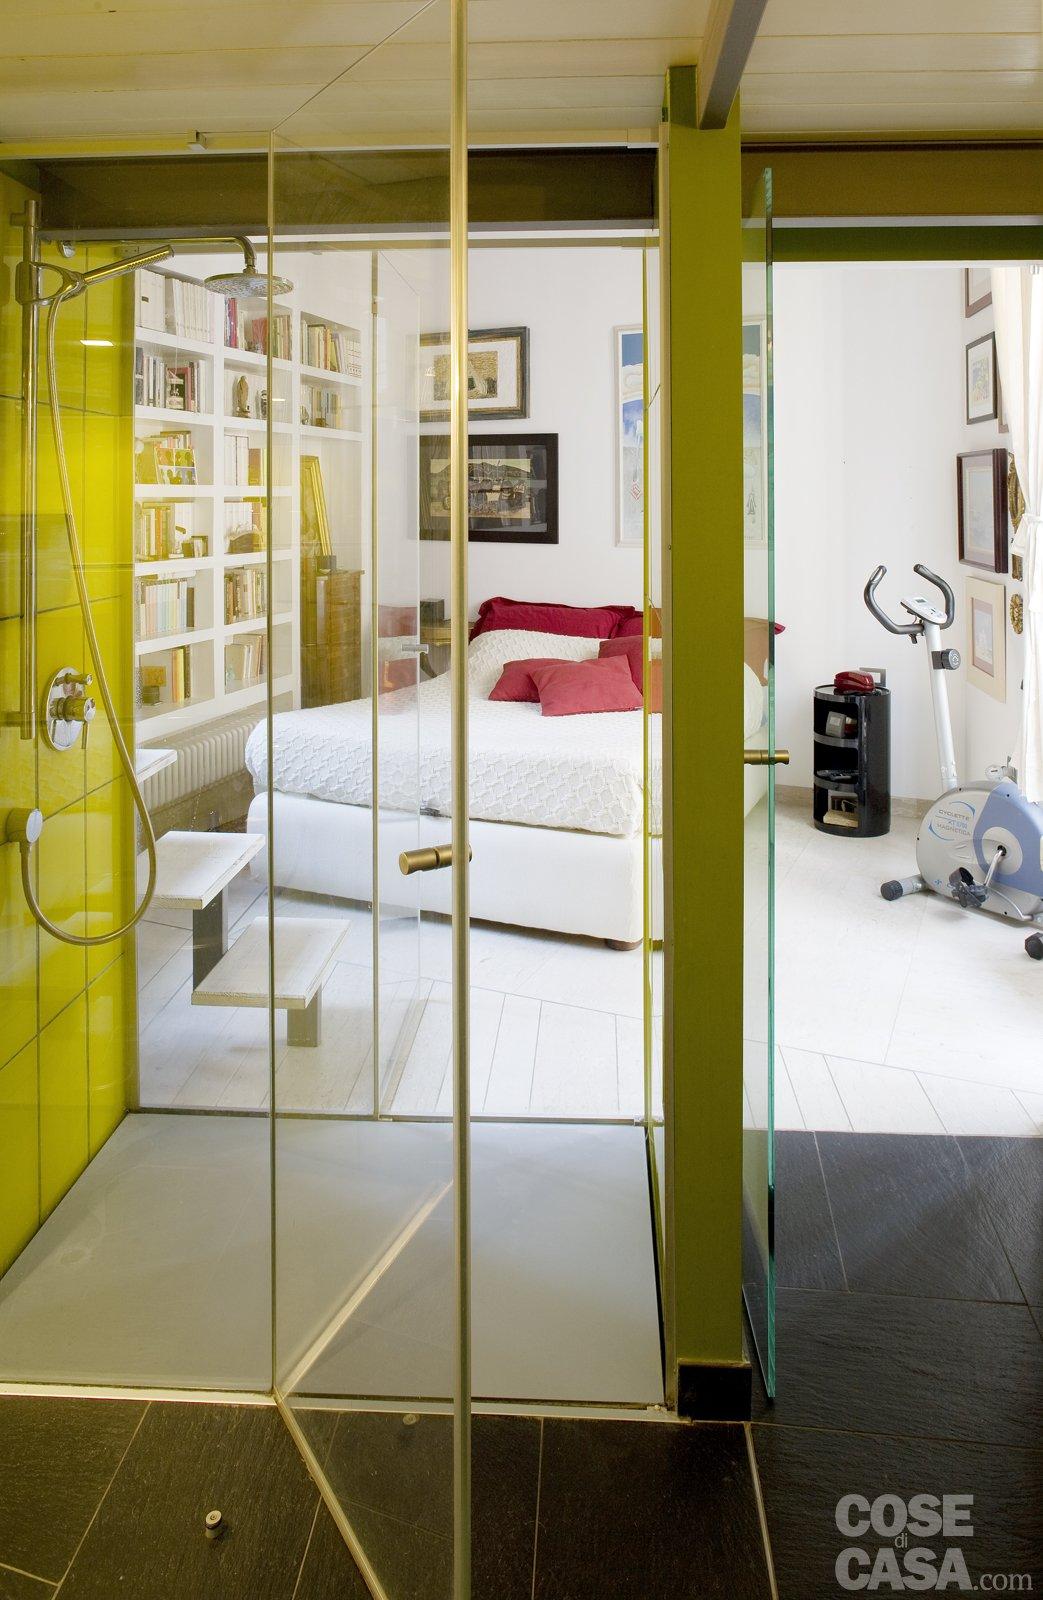 Casa piccola: 43 mq + soppalco per studio e cabina armadio - Cose ...